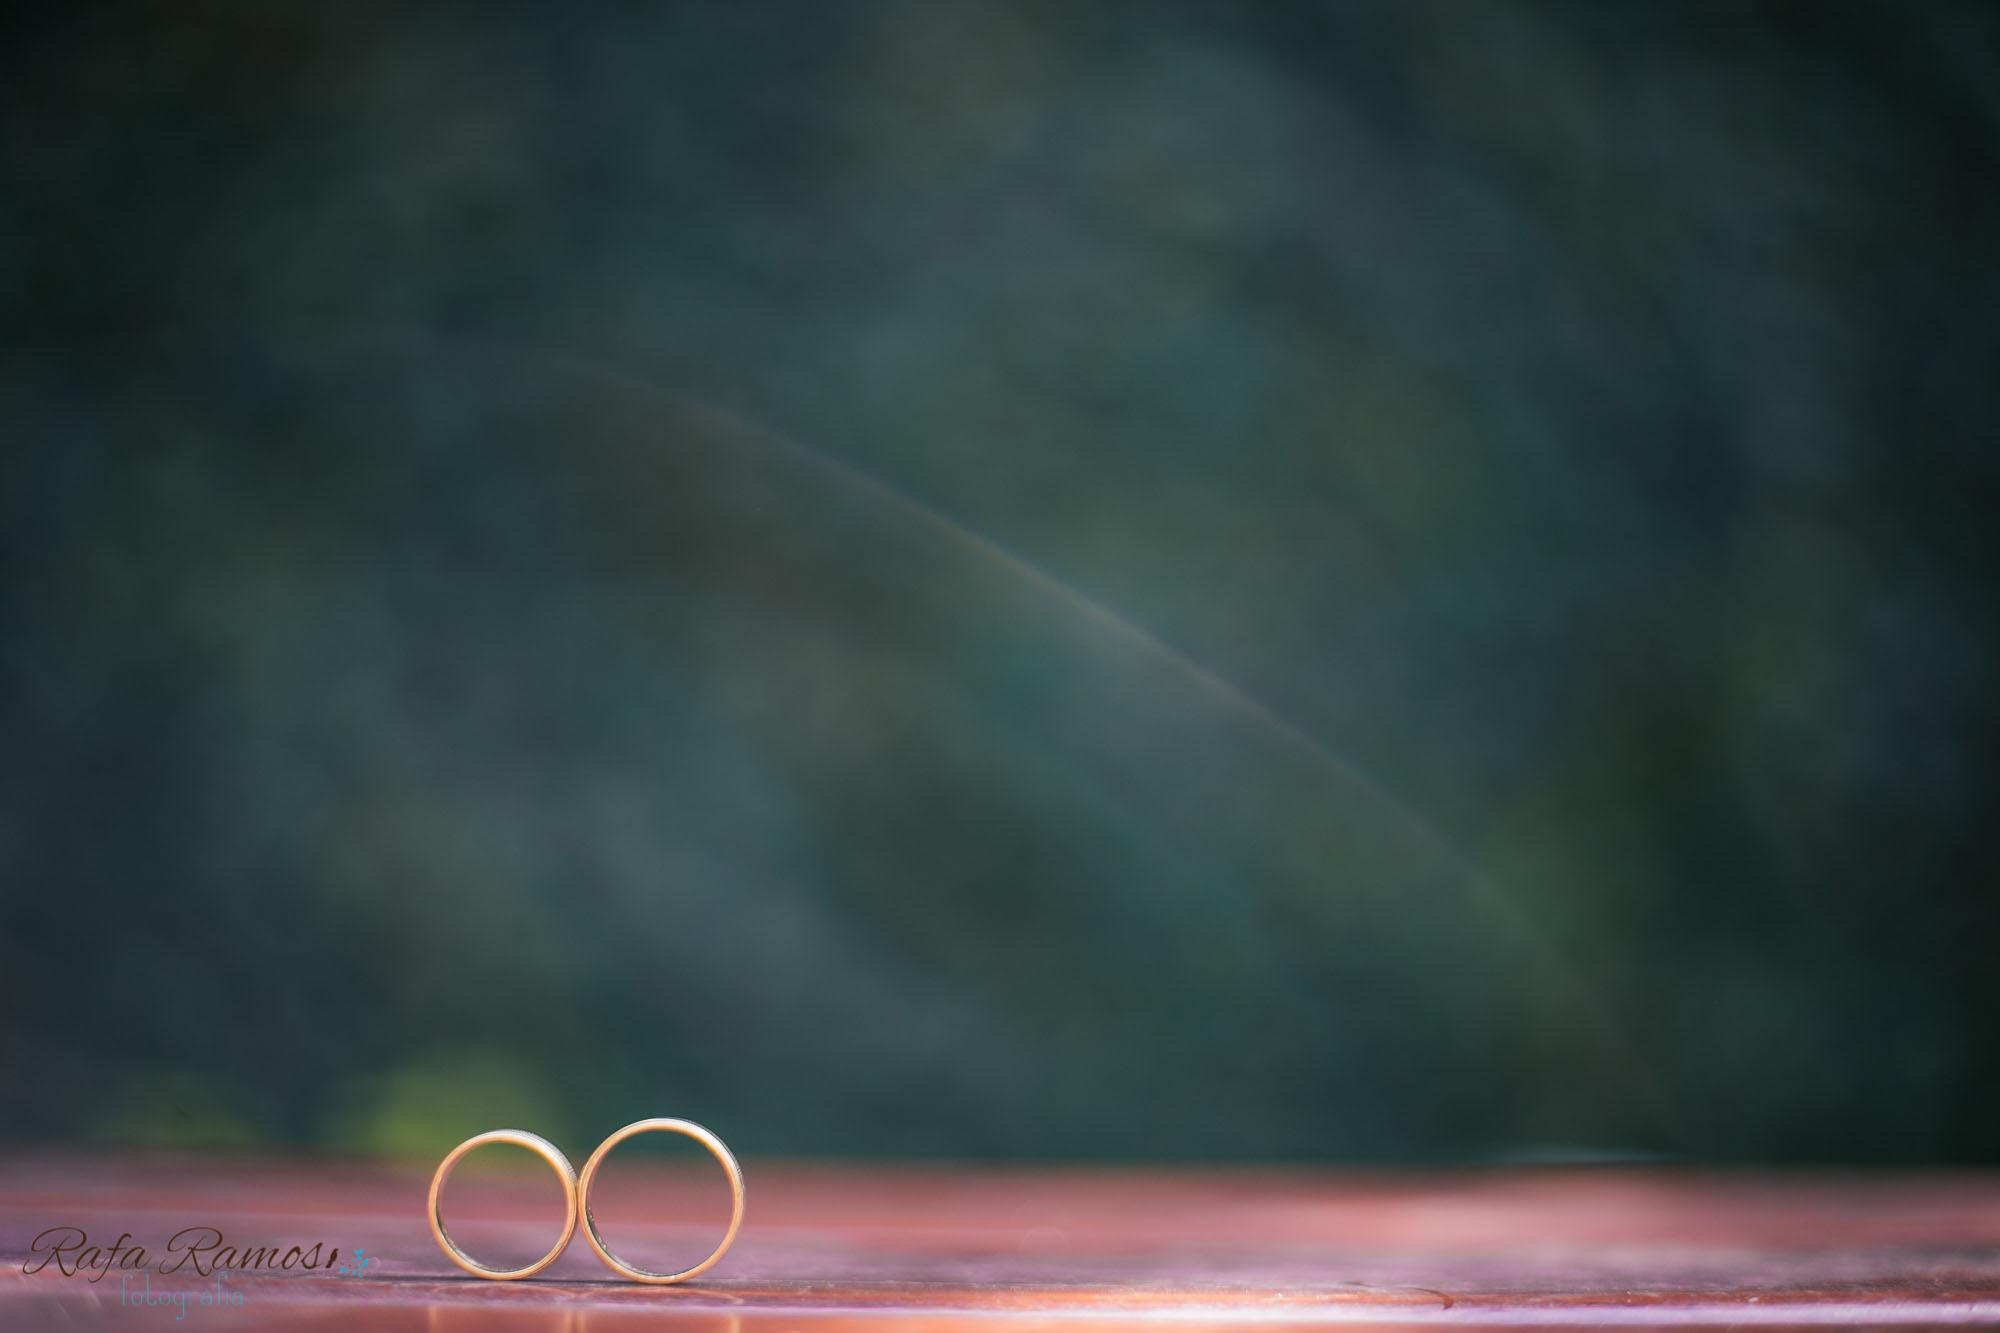 Fotografo de Casamento, Fotografia de Casamento , Fotografo Inspiration,Inspiration Photographer, Mini Wedding, Casamento em Arujá, casamento de dia, Arujá, zona oeste, fotojornalismo casamento, Casamento no quintal,Casamento em casa, Casamento, São paulo, SP, fotos de casamento, fotografo, casamento, noivos, noivo, noiva, fotografia de noivos, fotografia criativa, blog de fotografia, casamento sp, wedding photographer, Rafa Ramos Fotografia, Rafa Fotos, Rafa fotografo,Rafa Ramos photography49